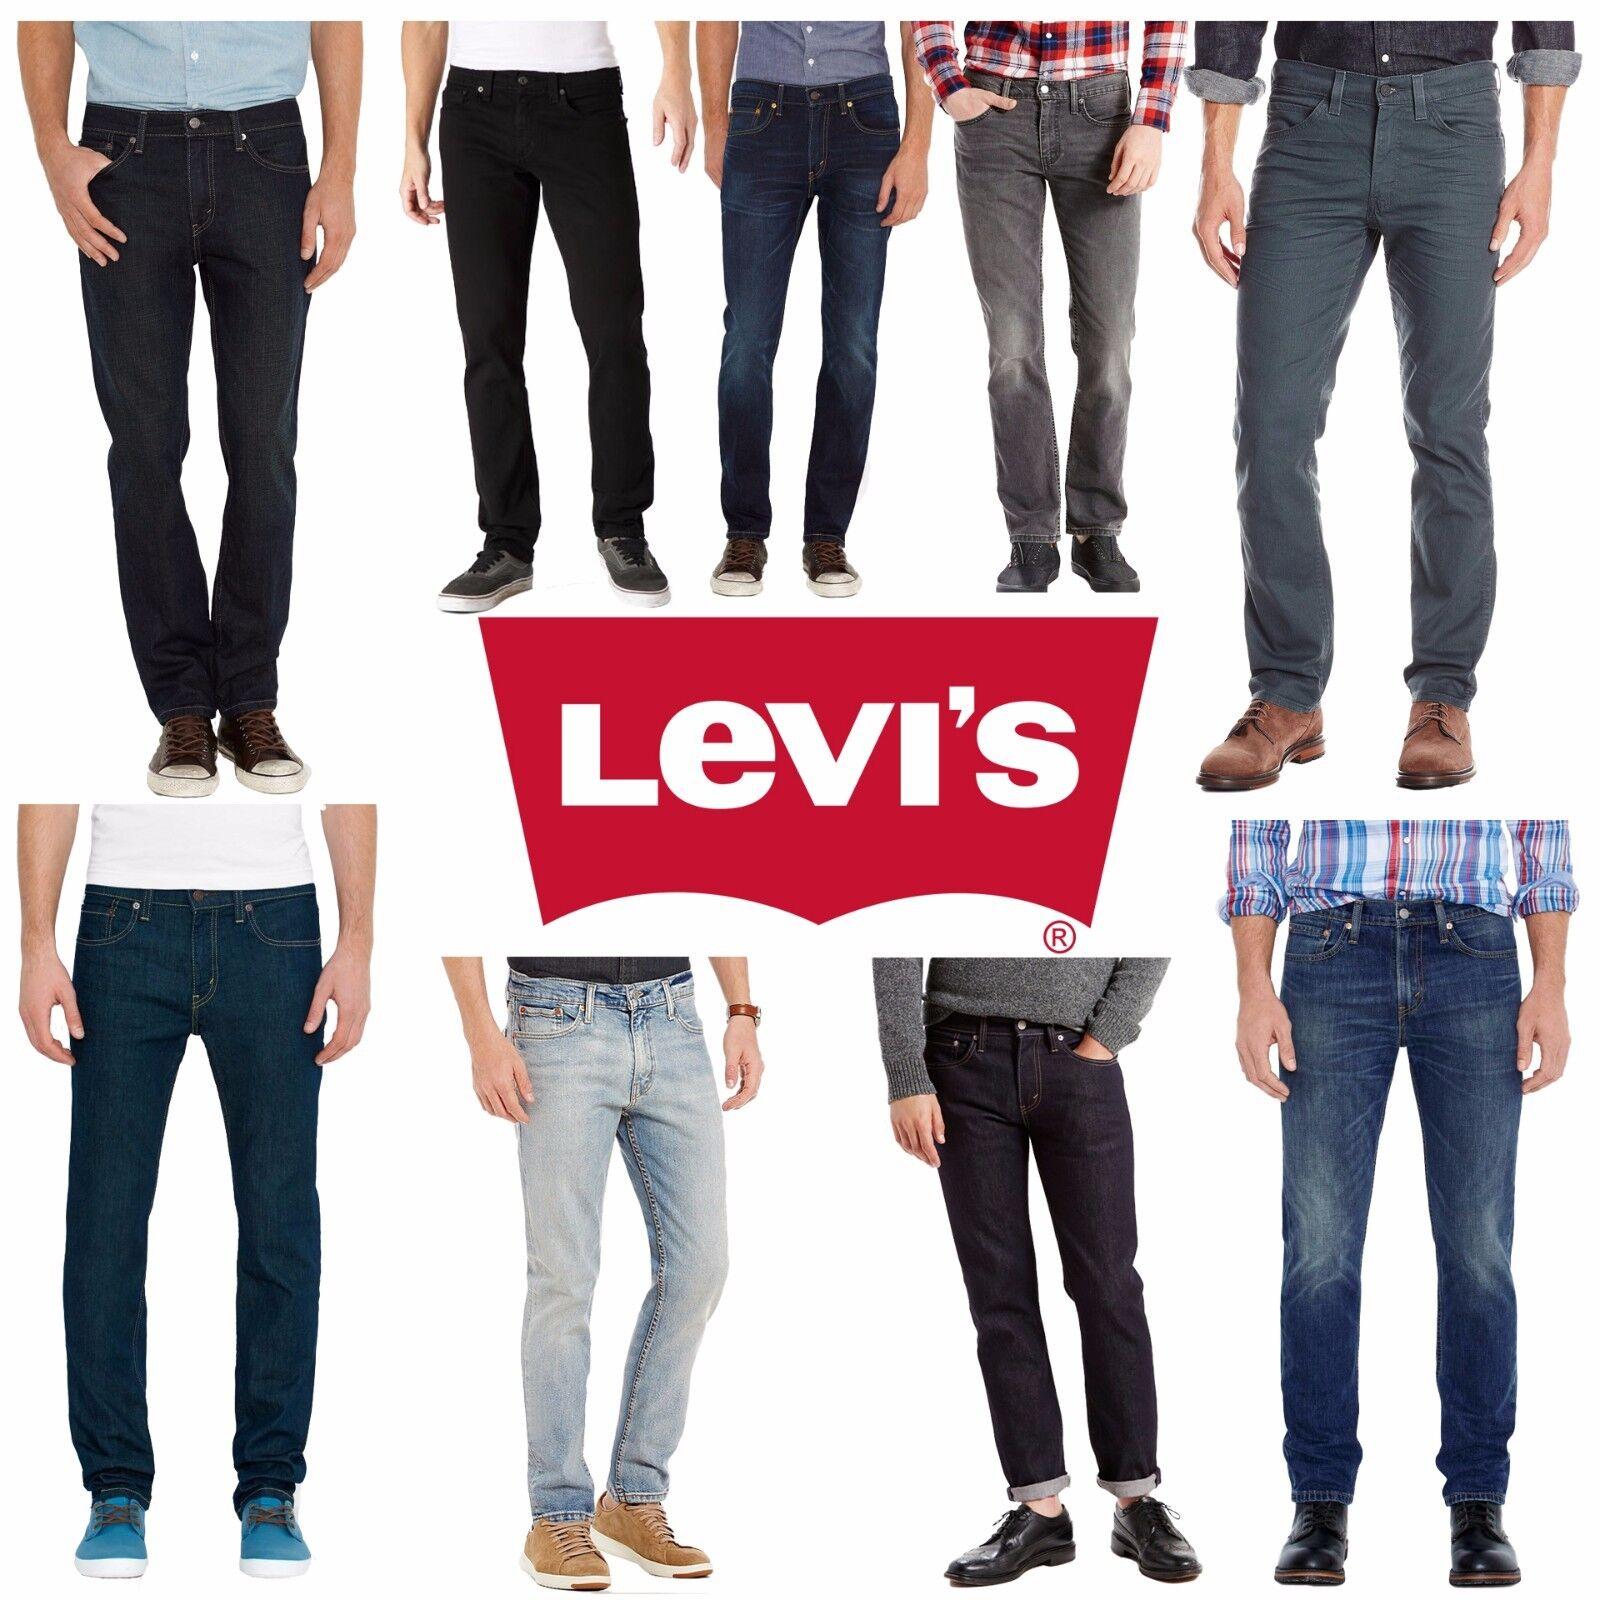 53bd26ba129 Купить Levis 511 Slim Fit Jeans на eBay.com из Америки с доставкой в ...